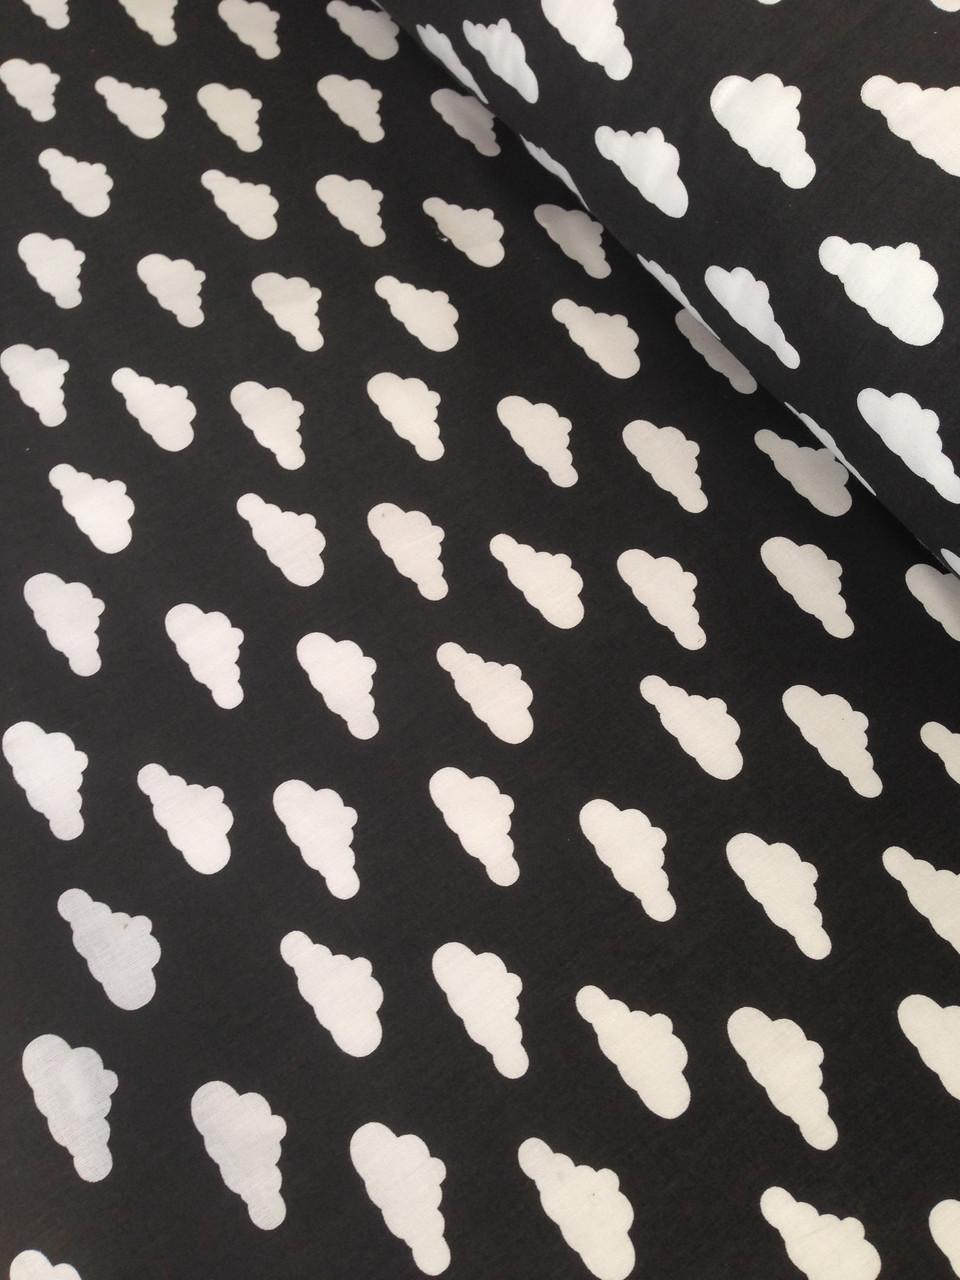 Хлопковая ткань польская белые облака на черном